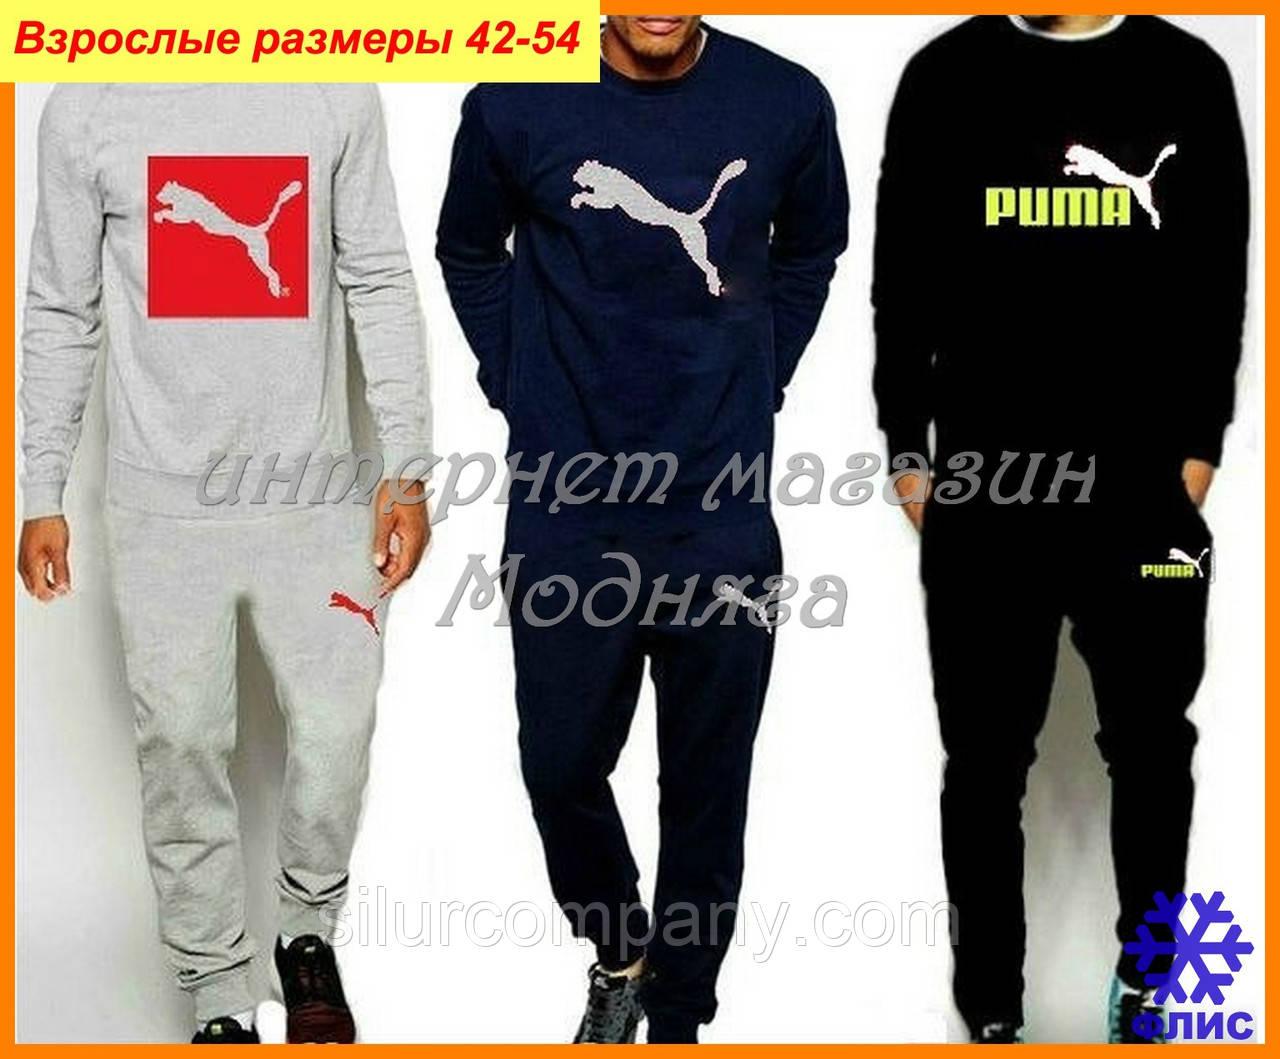 Спортивный костюм Puma на флисе - костюмы для мужчин - Интернет магазин